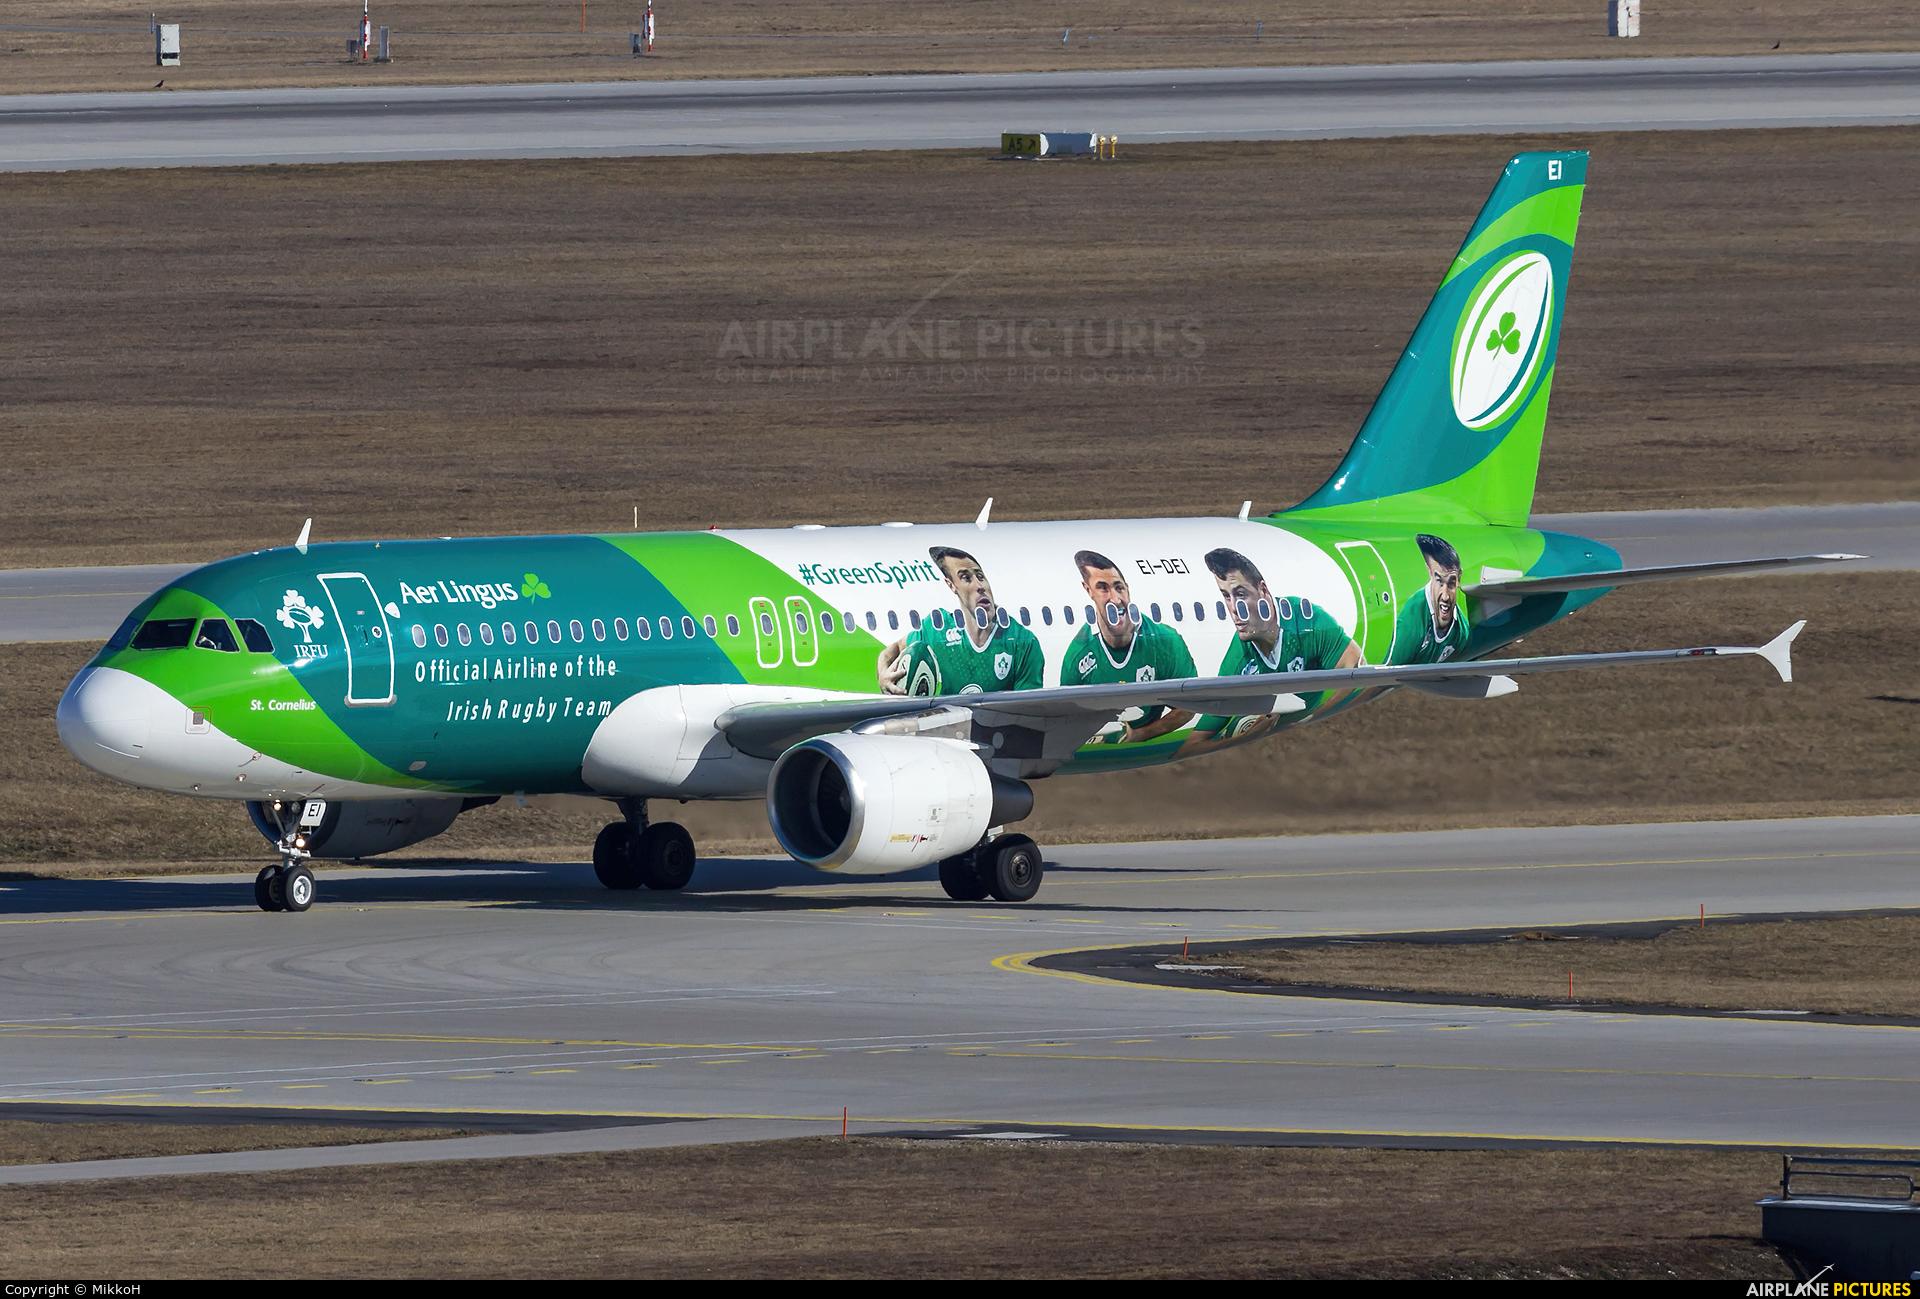 Aer Lingus EI-DEI aircraft at Munich